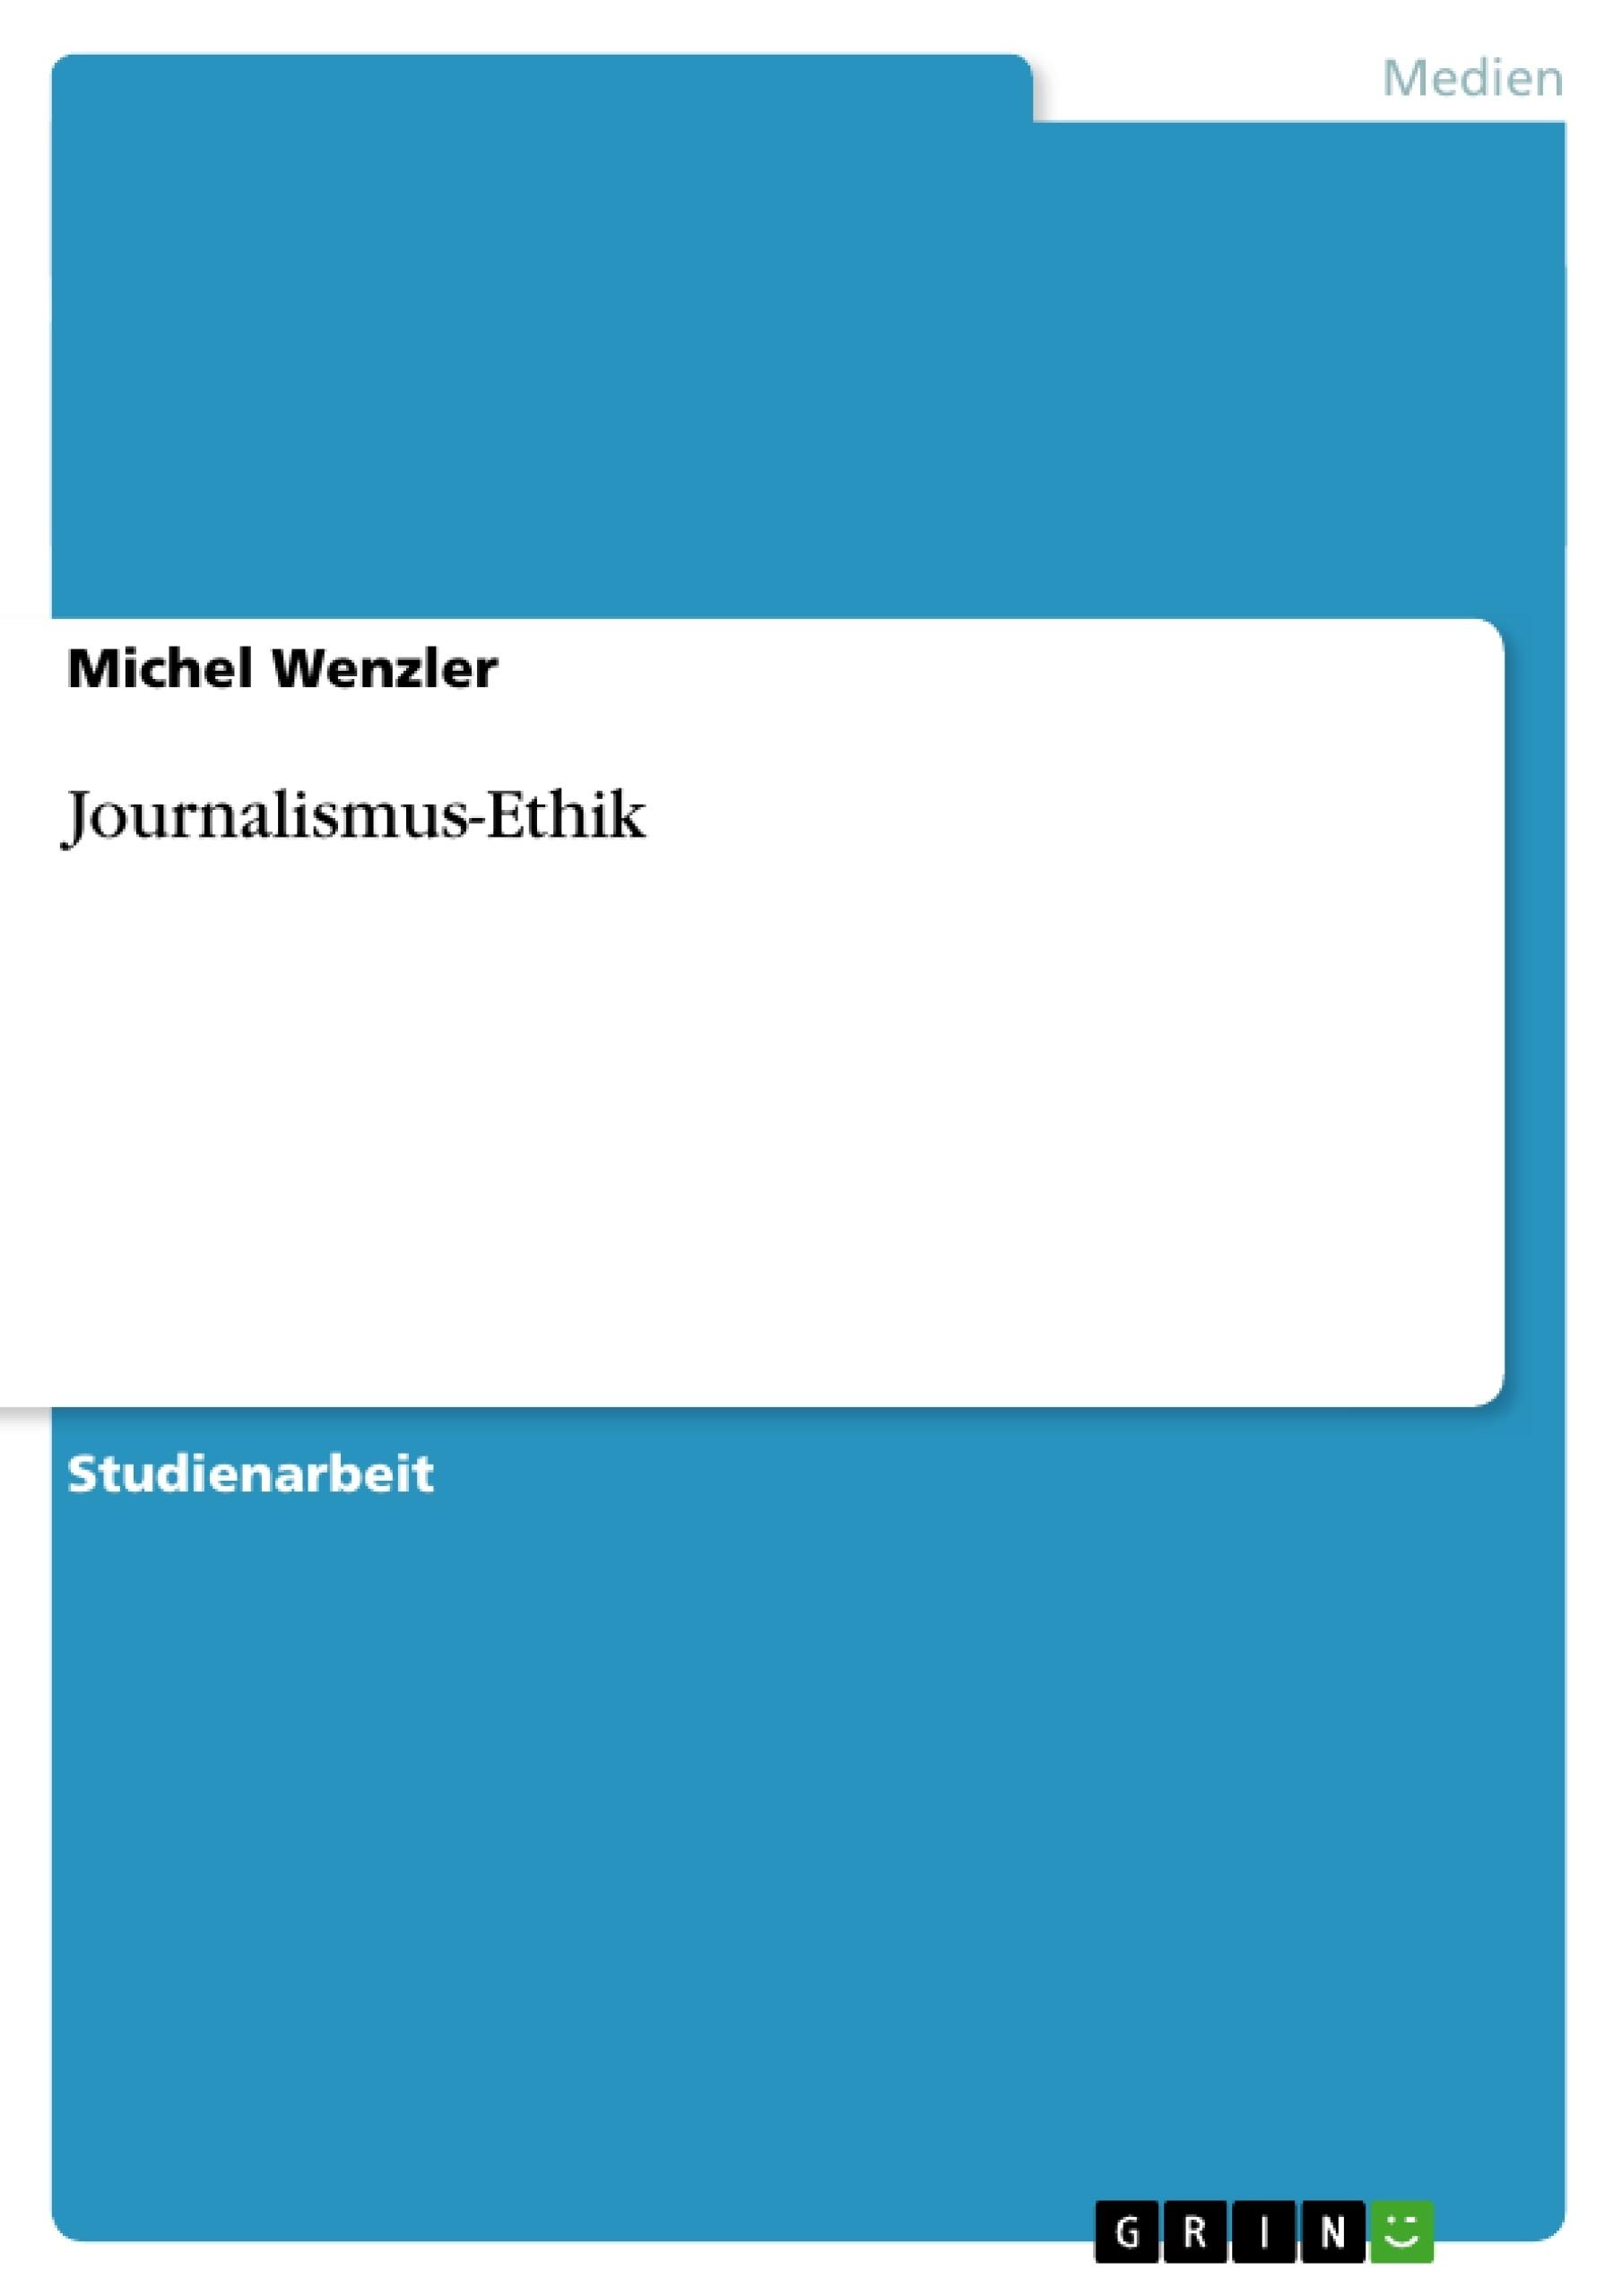 Titel: Journalismus-Ethik